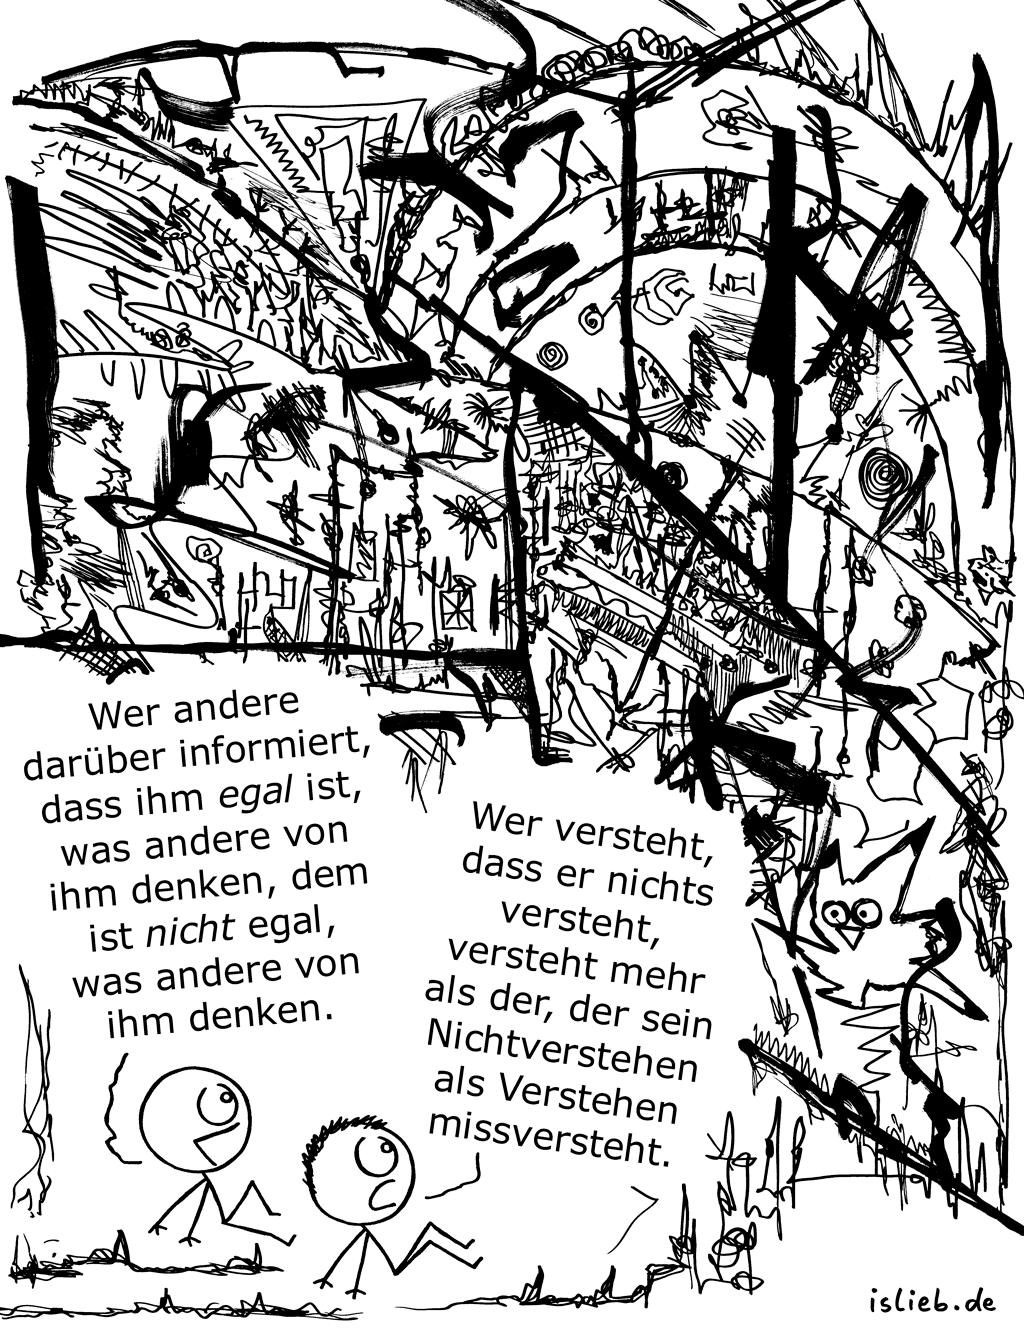 Philosophiestudenten | Strichmännchen-Cartoon | is lieb? | Wer andere darüber informiert, dass ihm egal ist, was andere von ihm denken, dem ist nicht egal, was andere von ihm denken. Wer versteht, dass er nichts versteht, versteht mehr als der, der sein Nichtverstehen als Verstehen missversteht. | Philosophie, Philosophen